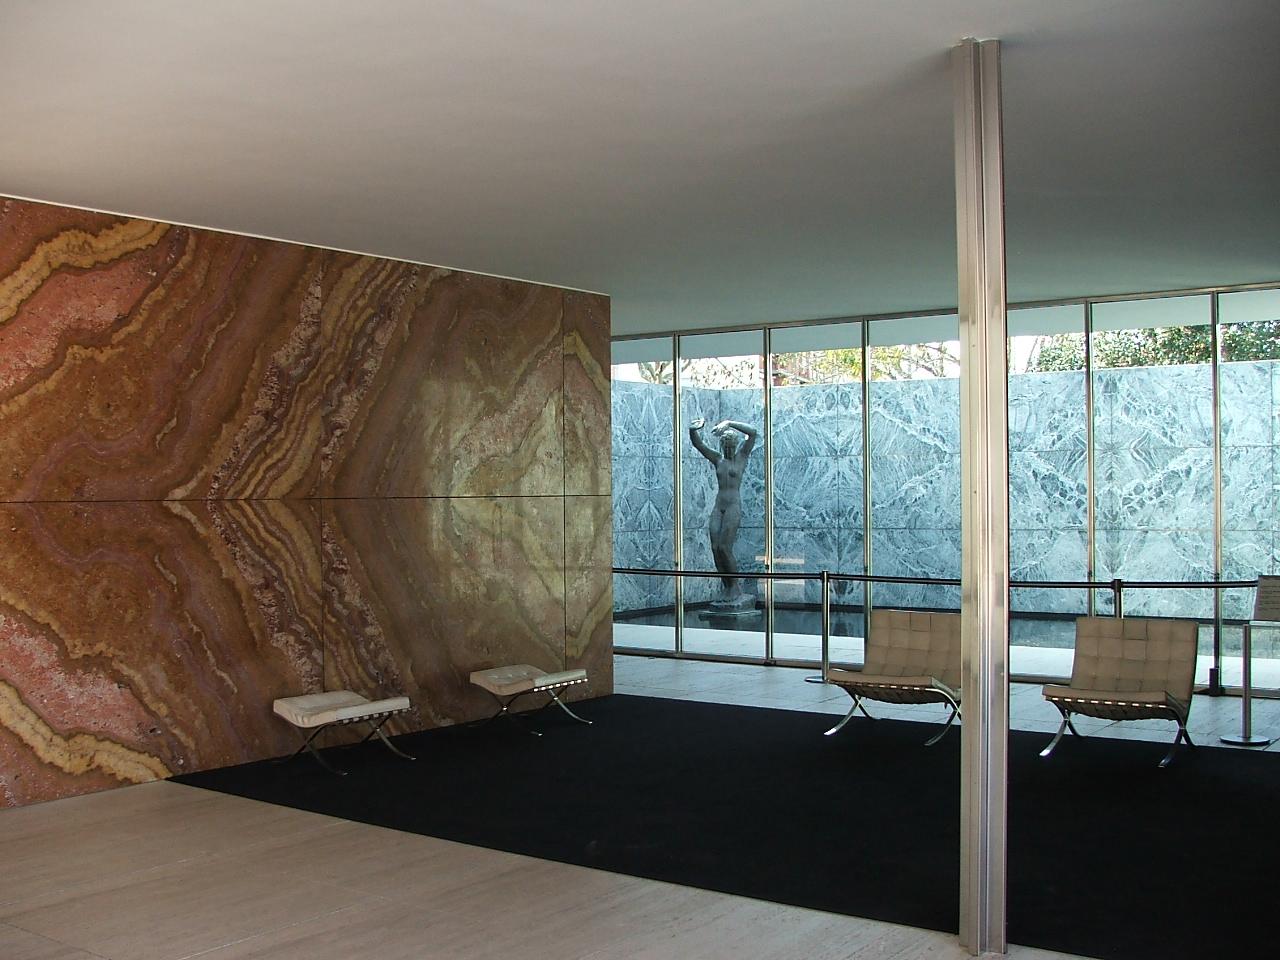 la arquitectura del objeto cuando la arquitectura cogi. Black Bedroom Furniture Sets. Home Design Ideas